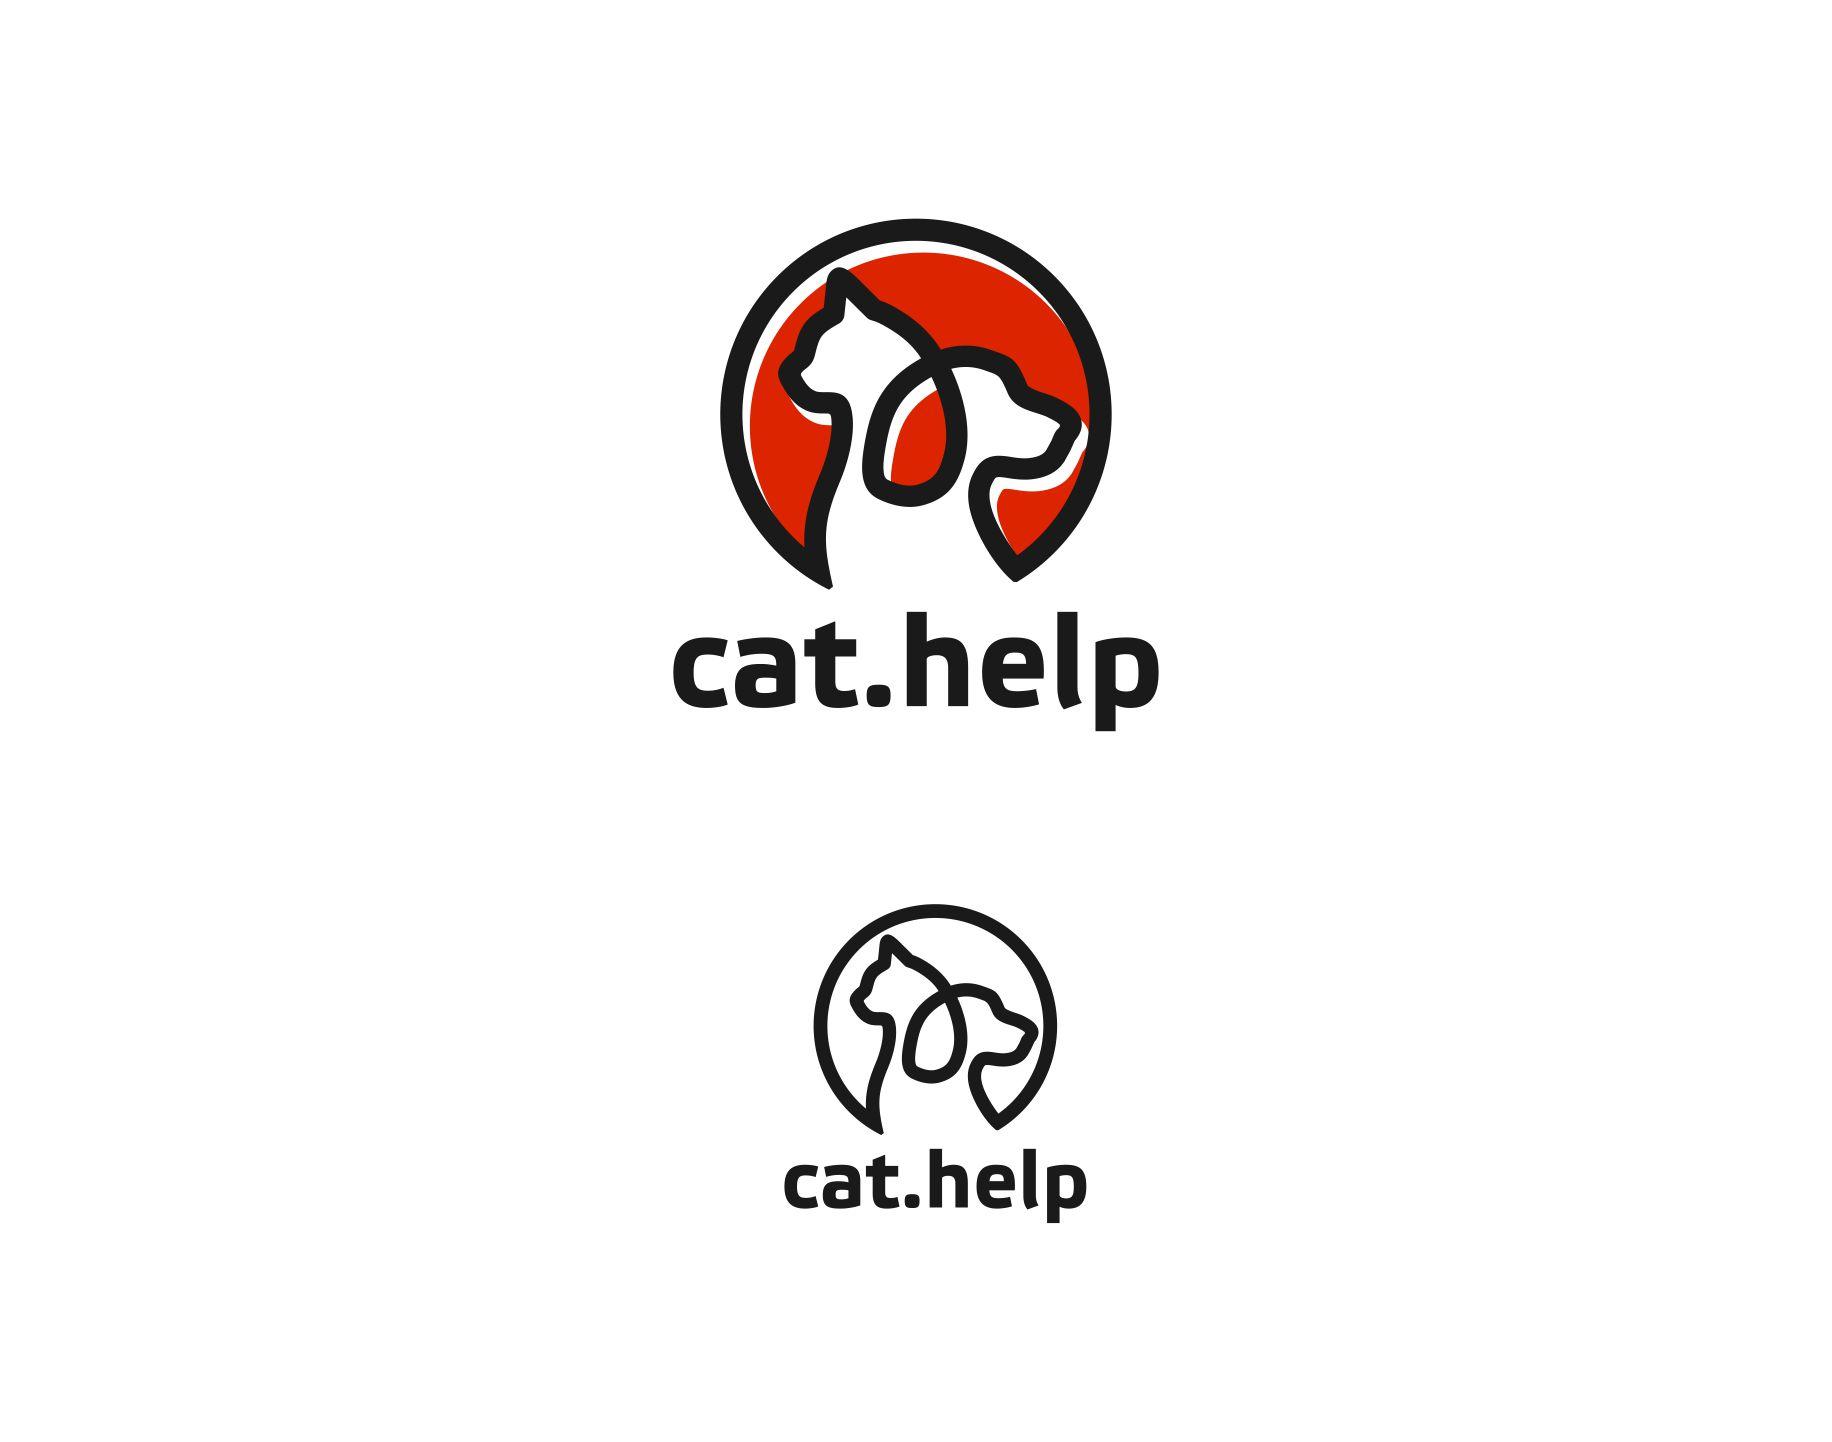 логотип для сайта и группы вк - cat.help фото f_30359d9733ea0256.jpg